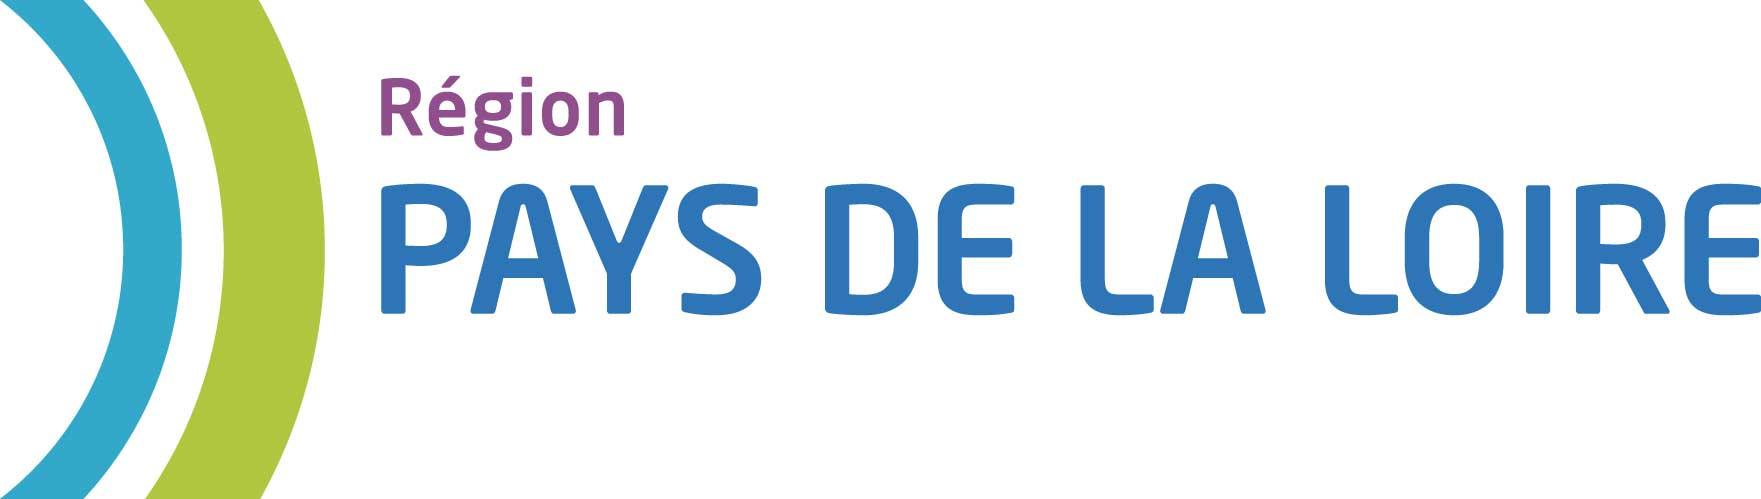 Logo de la région Pays de la Loire partenaire de NatéoSanté, spécialiste de la qualité de l'air intérieur.